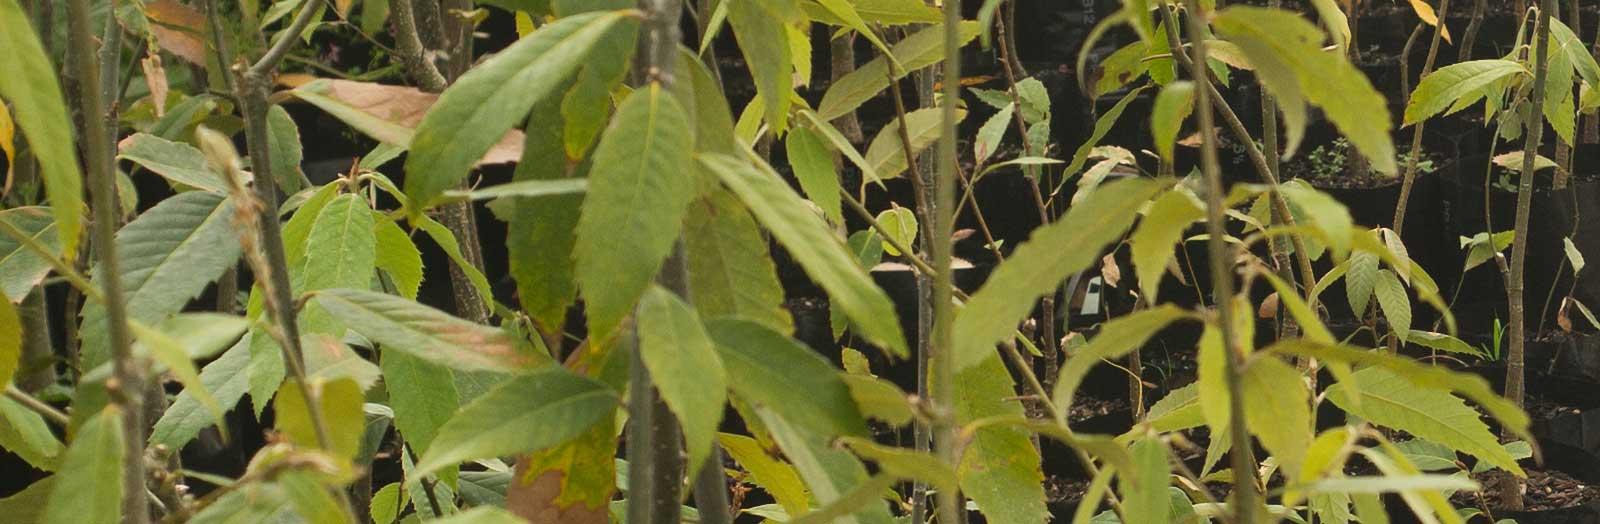 Seedlings ready to buy